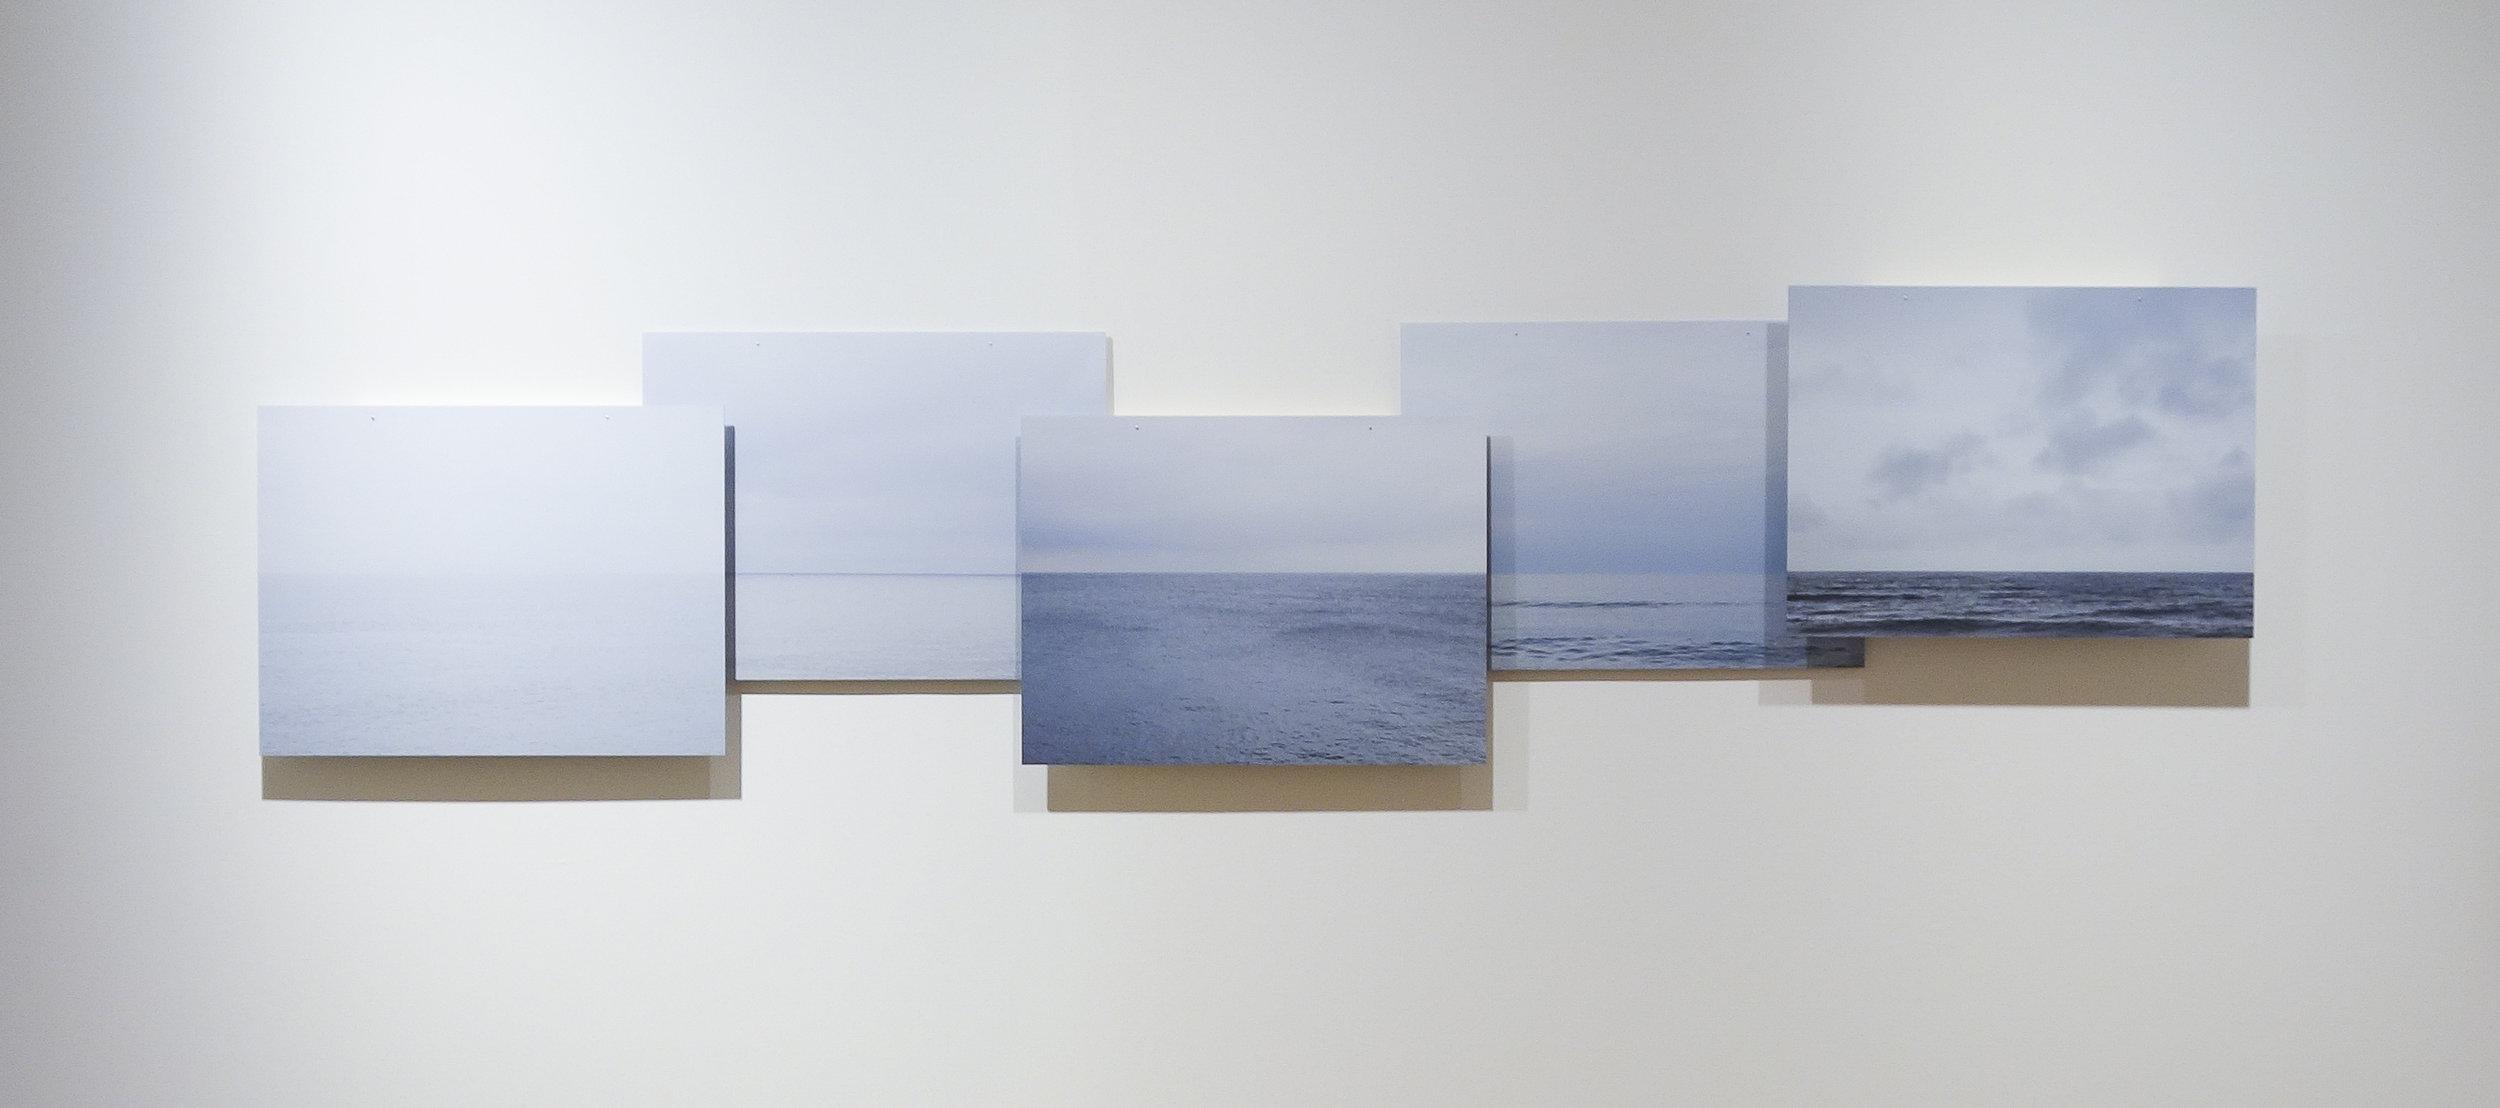 Het werk 'Aan zee' is gemaakt in opdracht voor de expositie 'Jong en veelbelovend' voor Villa Mondriaan,Winterswijk ter ere van het 100 jaar jubileum van de kunstbeweging De Stijl.